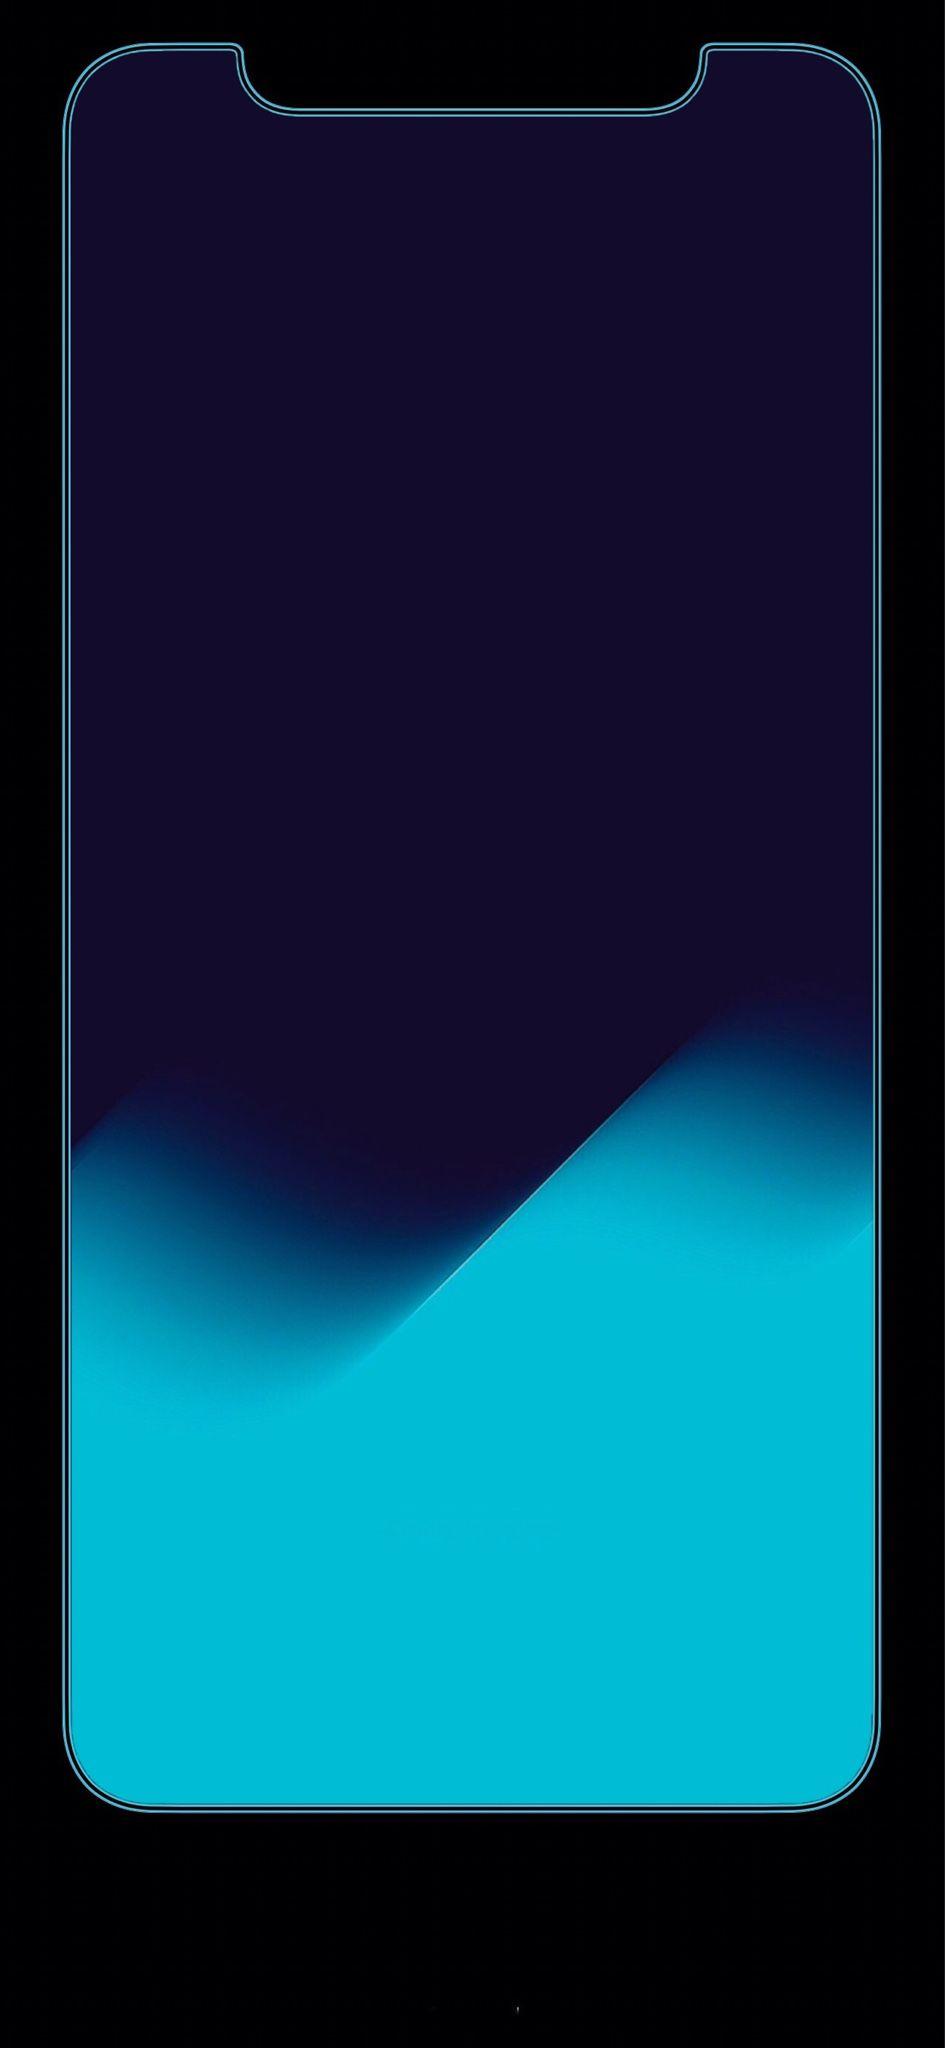 Iphone X Iphone Wallpaper Ios Iphone Wallpaper Hd Original Apple Wallpaper Iphone